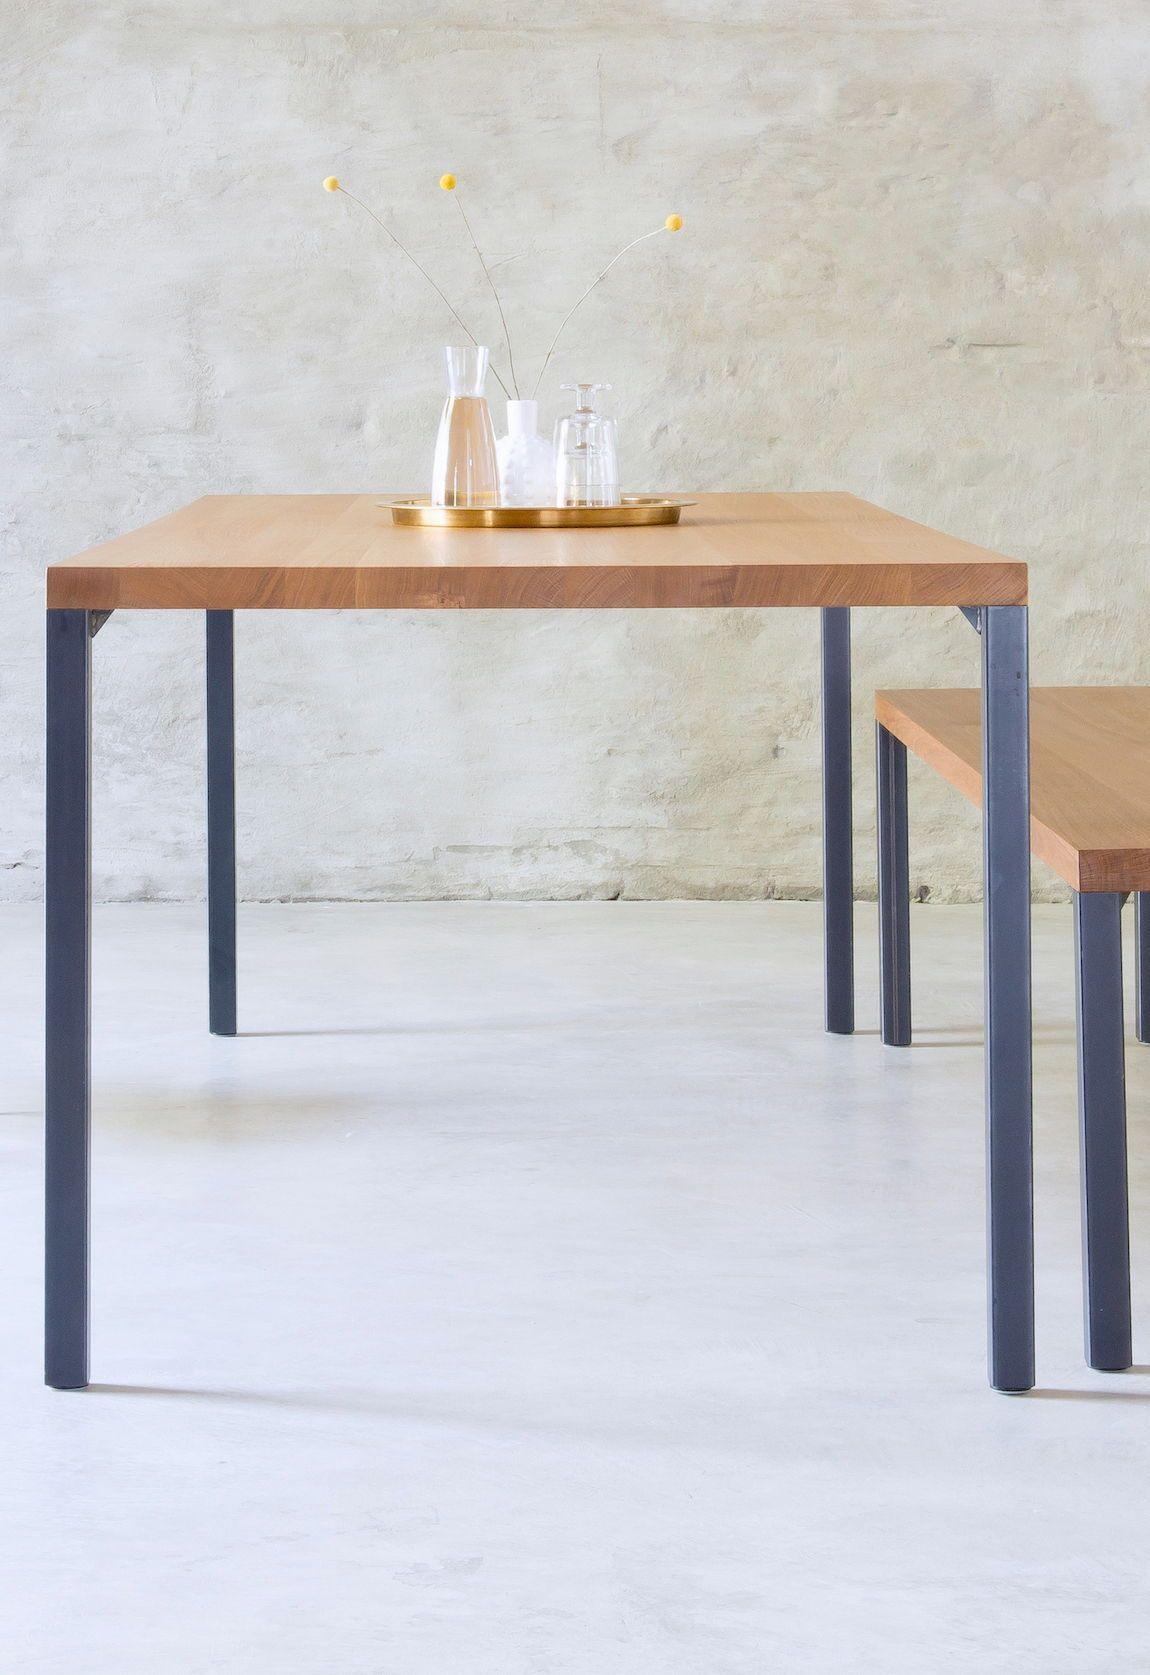 Esstisch Lola, nach Maß gefertigt aus 46% Massivholz.  Design